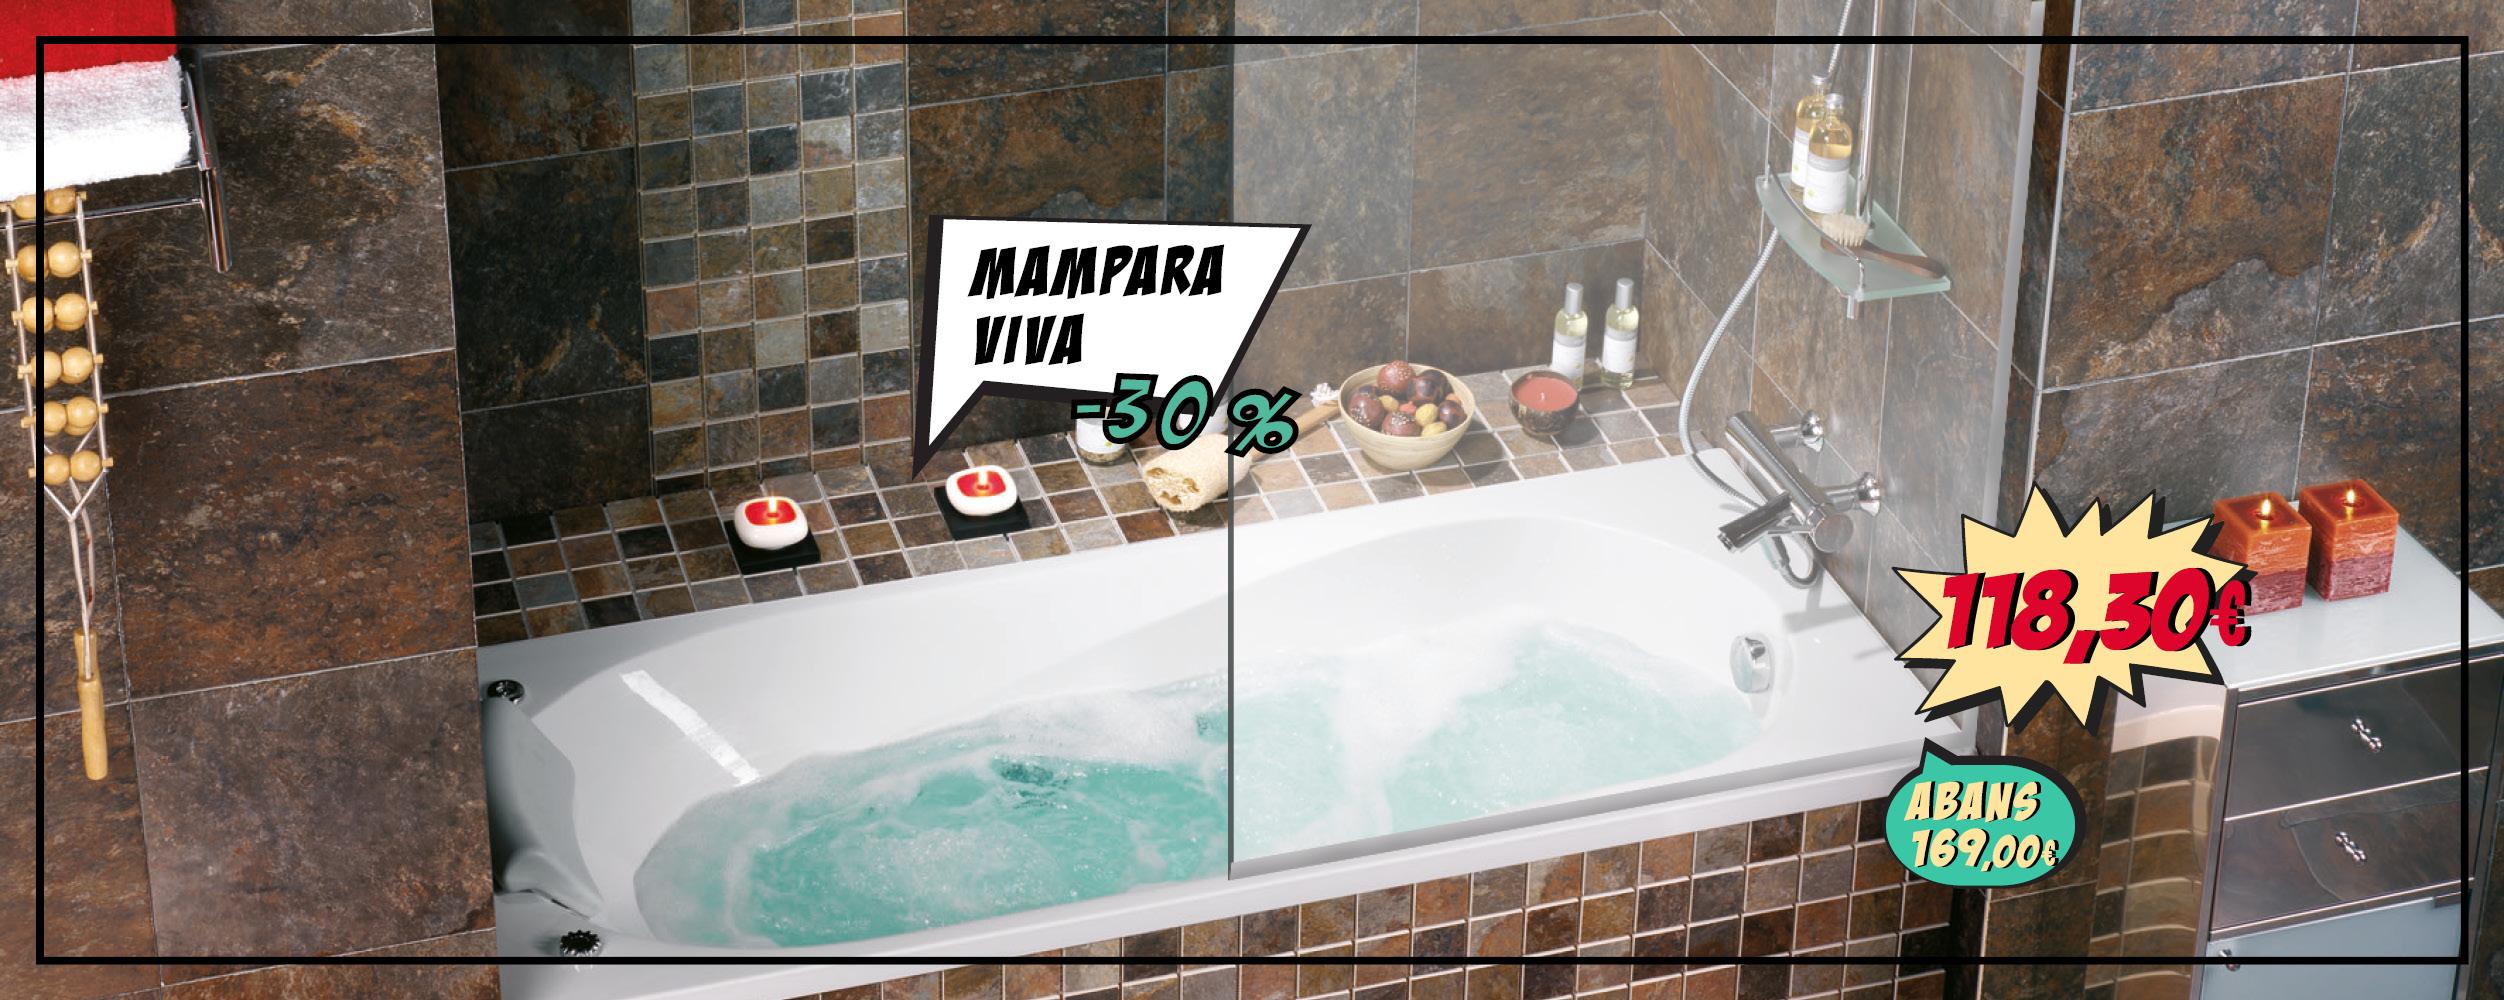 Mampara per banyera VIVA, pero només 118,30€